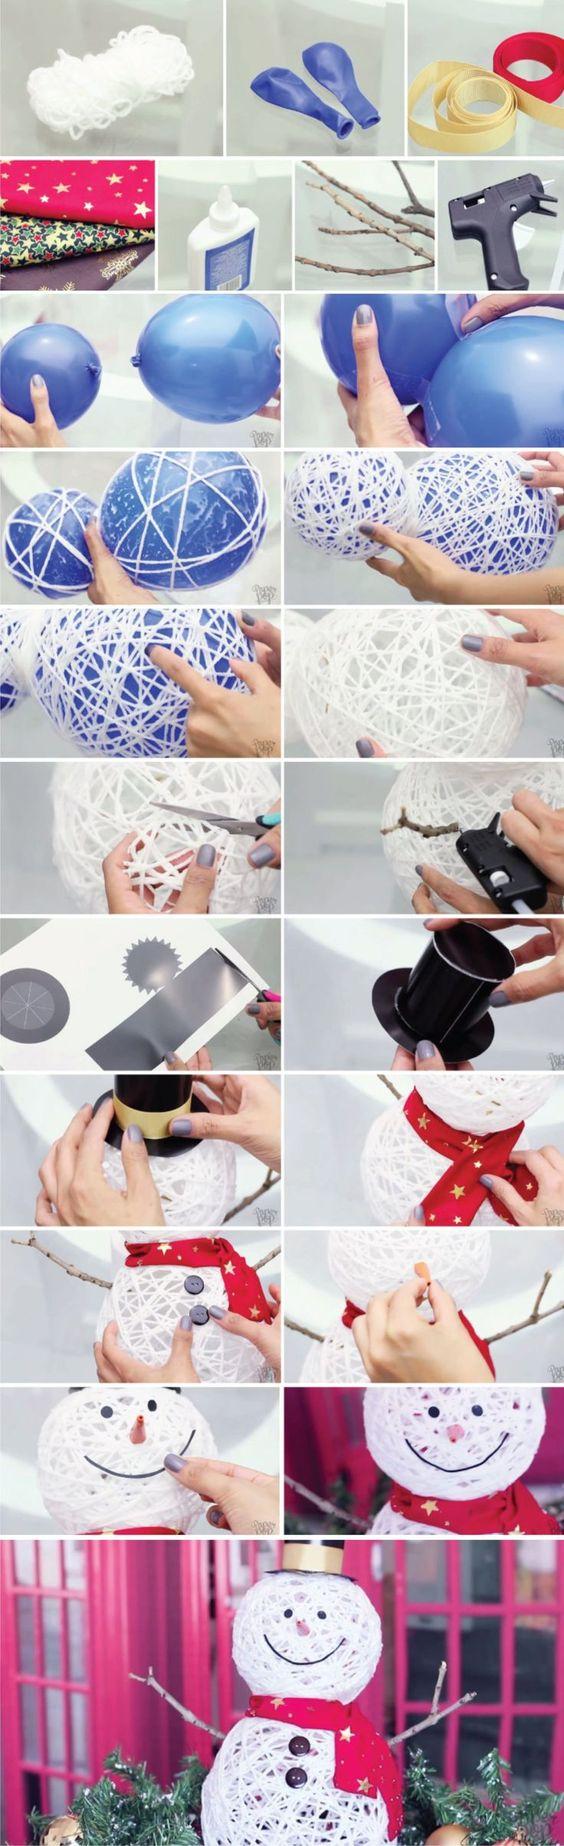 Ya habíamos visto aquí el mismo sistema para crear una cesta o una lámpara, pero en este caso lo utilizan para generar un interesante muñeco de nieve. Utilizando globos como moldes para fijar el hilo y endurecerlo mediante cola para crear la base del muñeco a la que le siguen el resto de elemen…: